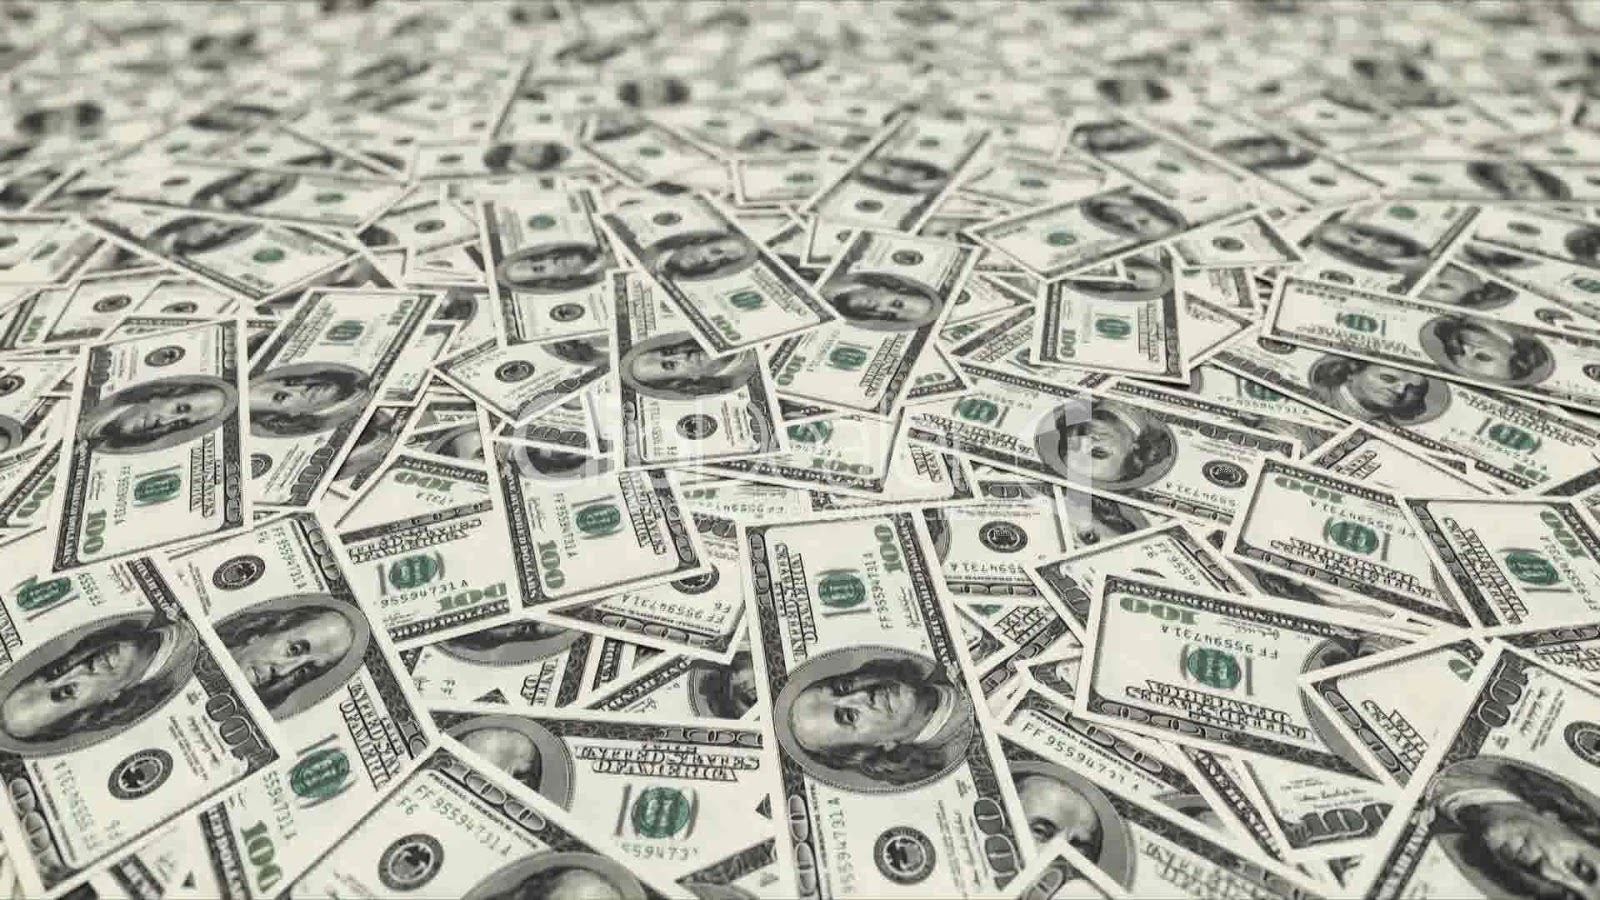 Sedolar Dunia Sedollar dunia Sedolar Sedollar Dolar Dollar